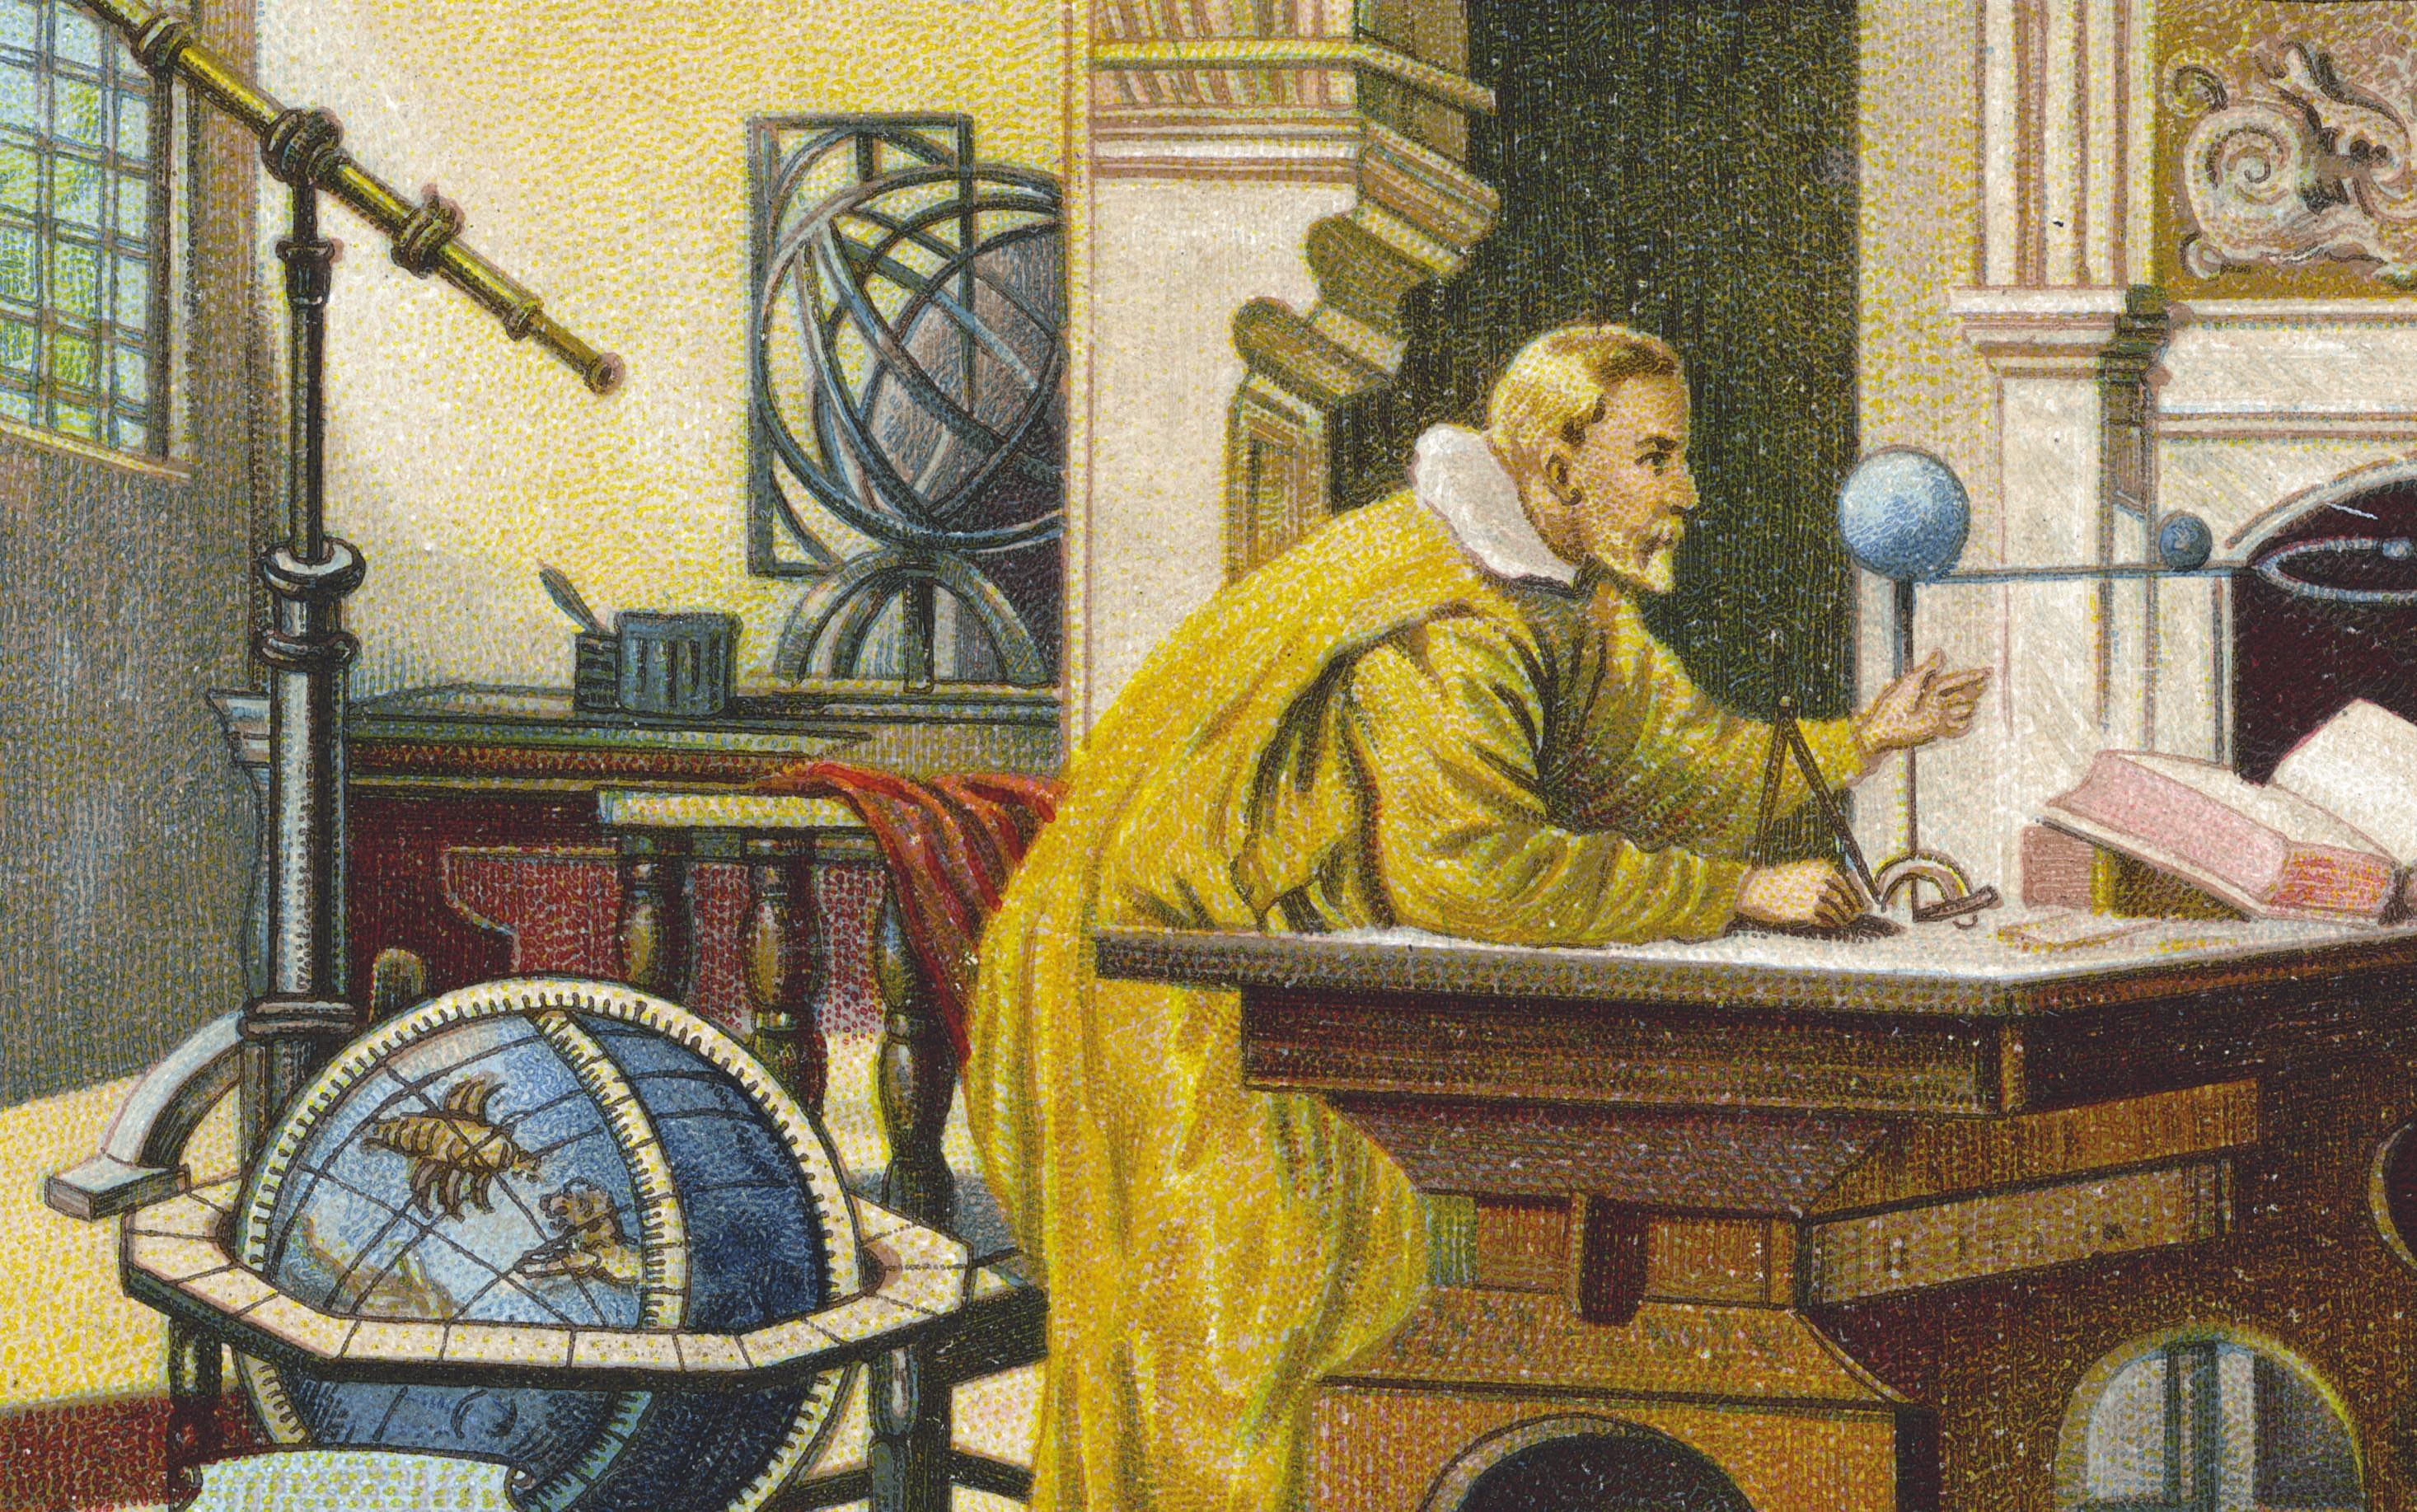 La lunette de Kepler